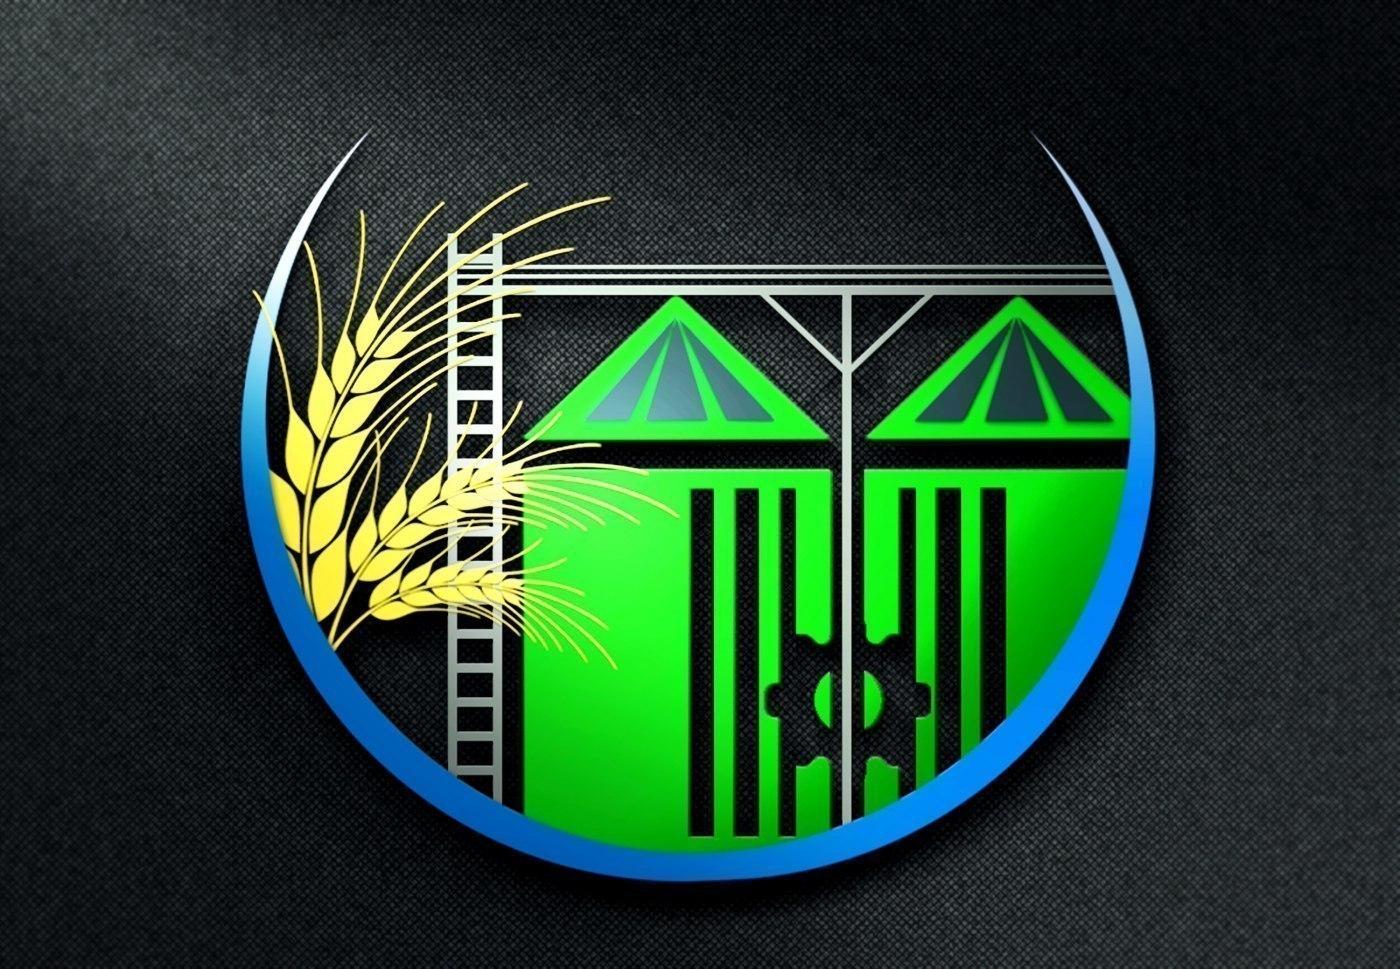 Логотип элеватор винтовой конвейер 4 буквы сканворд